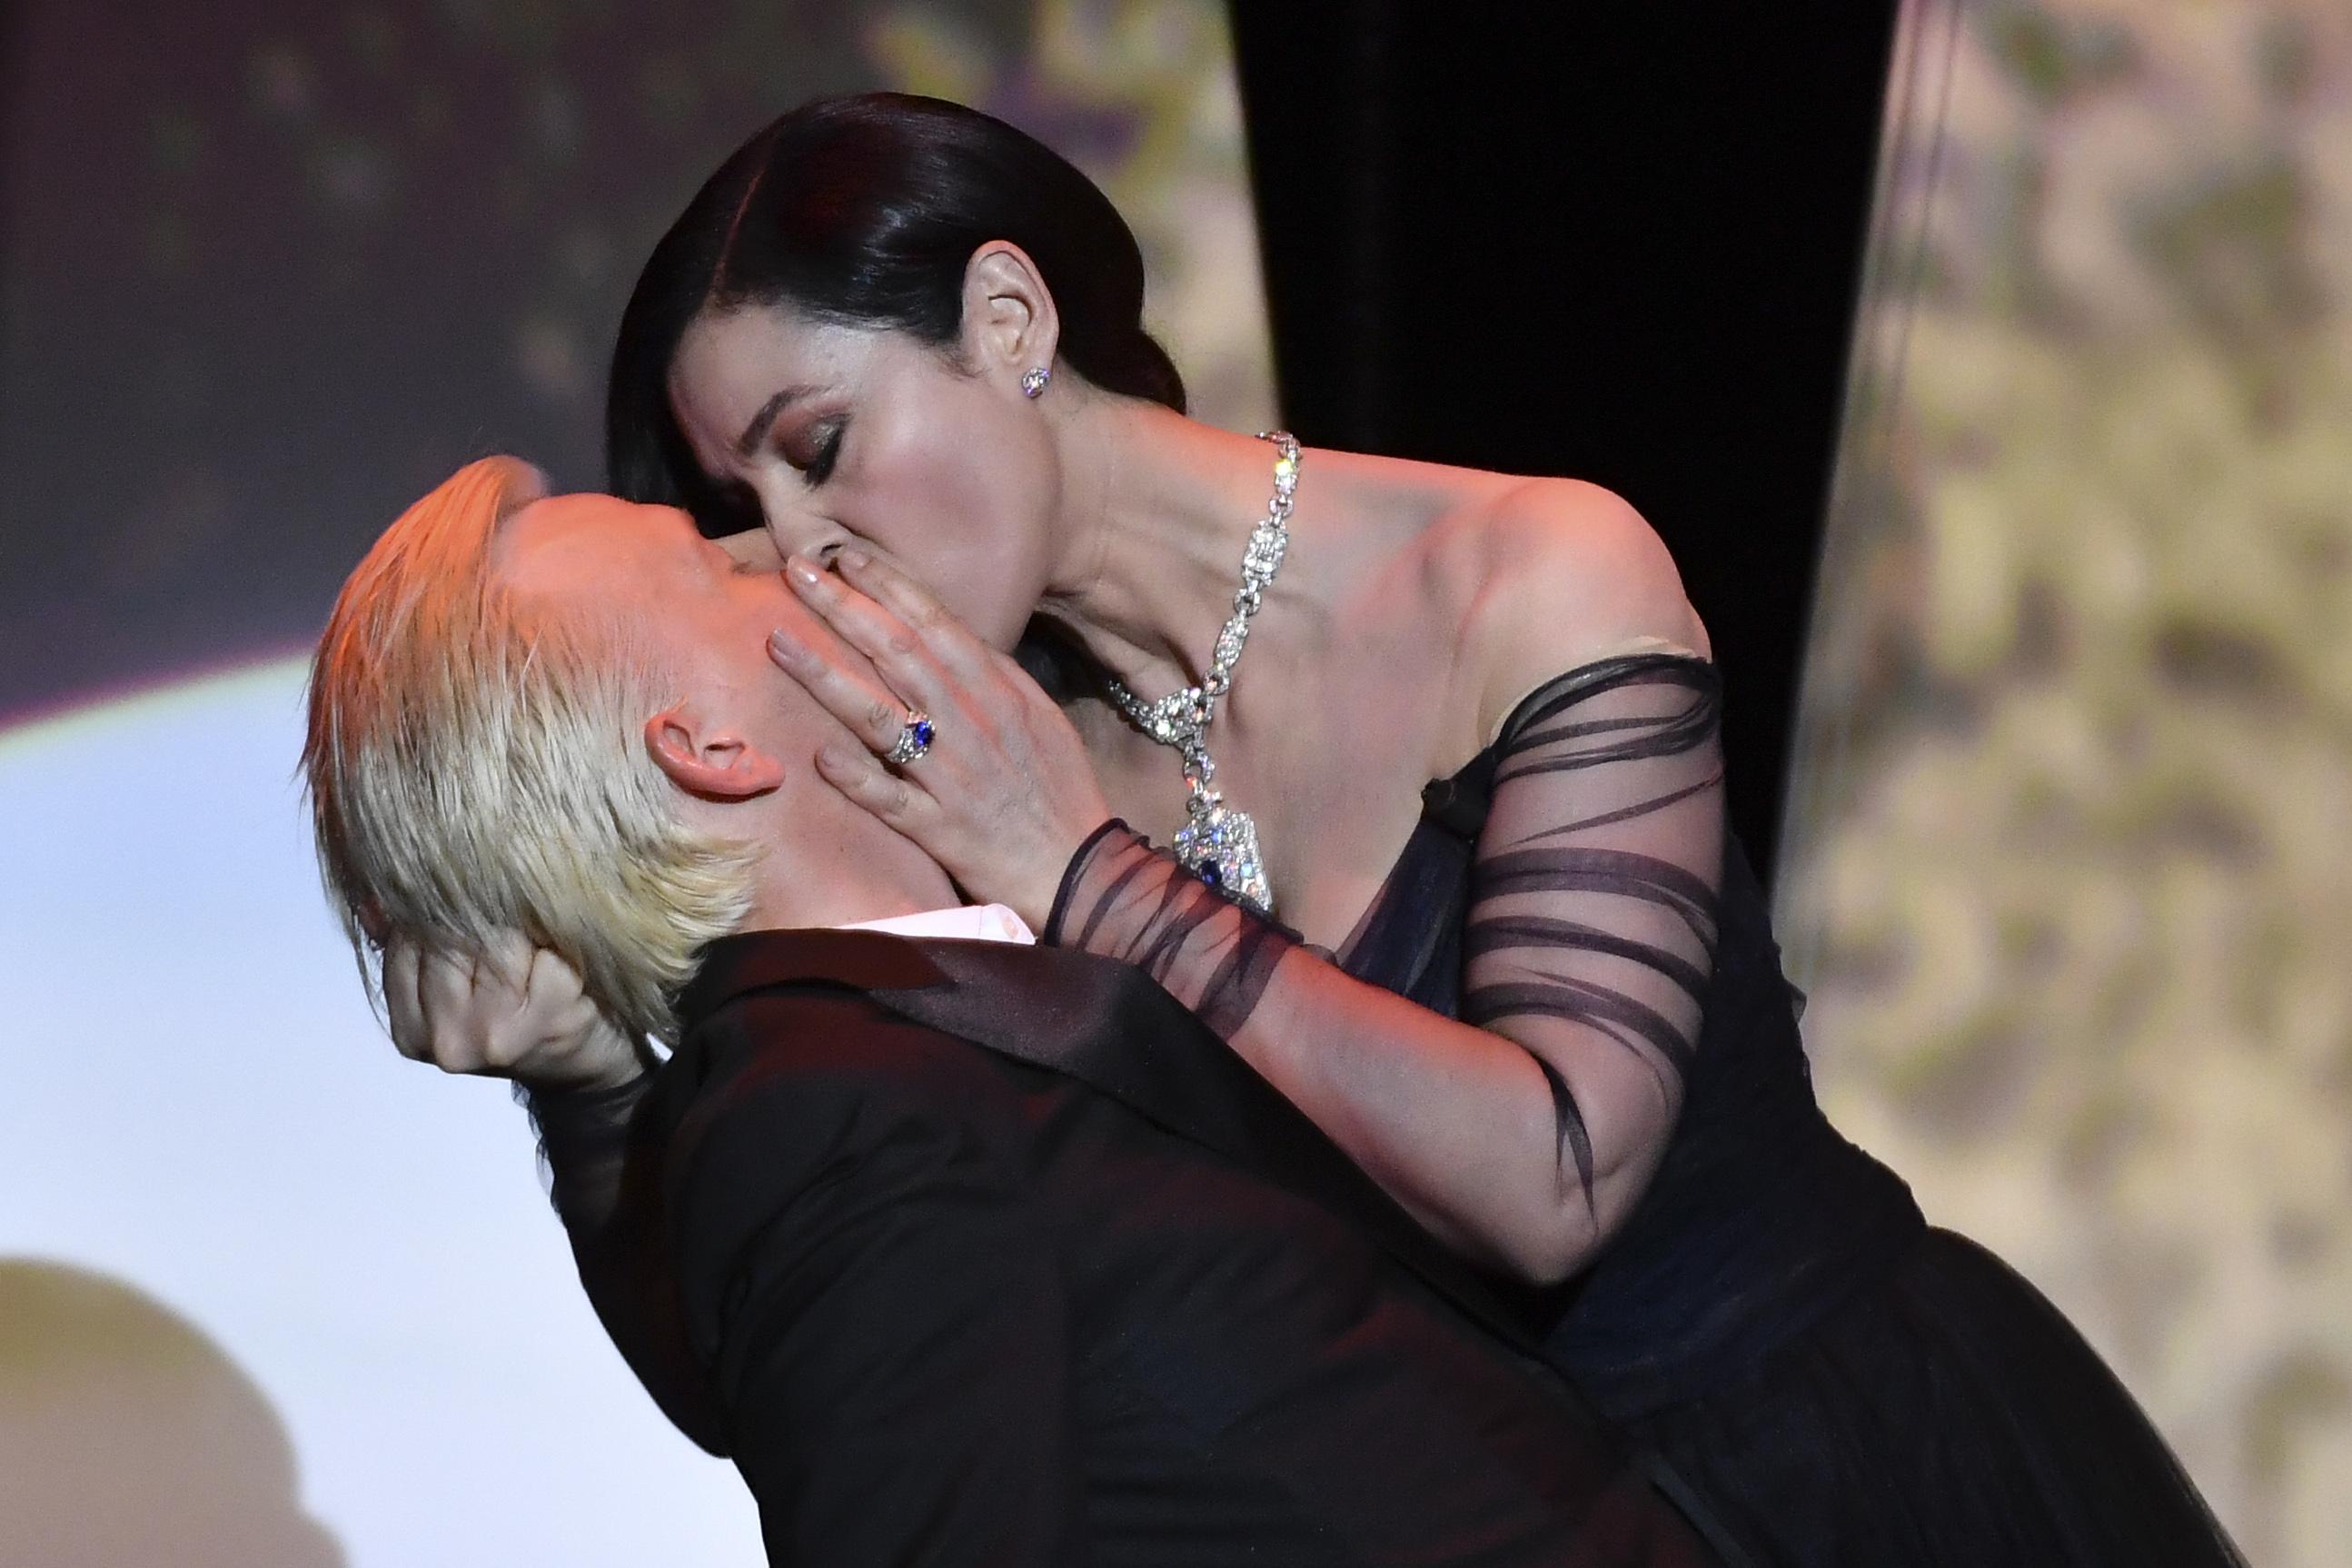 مونيكا بيلوتشي تشعل أجواء حفل افتتاح مهرجان كان بقبلات حارة للفنان أليكس لوتز (5)